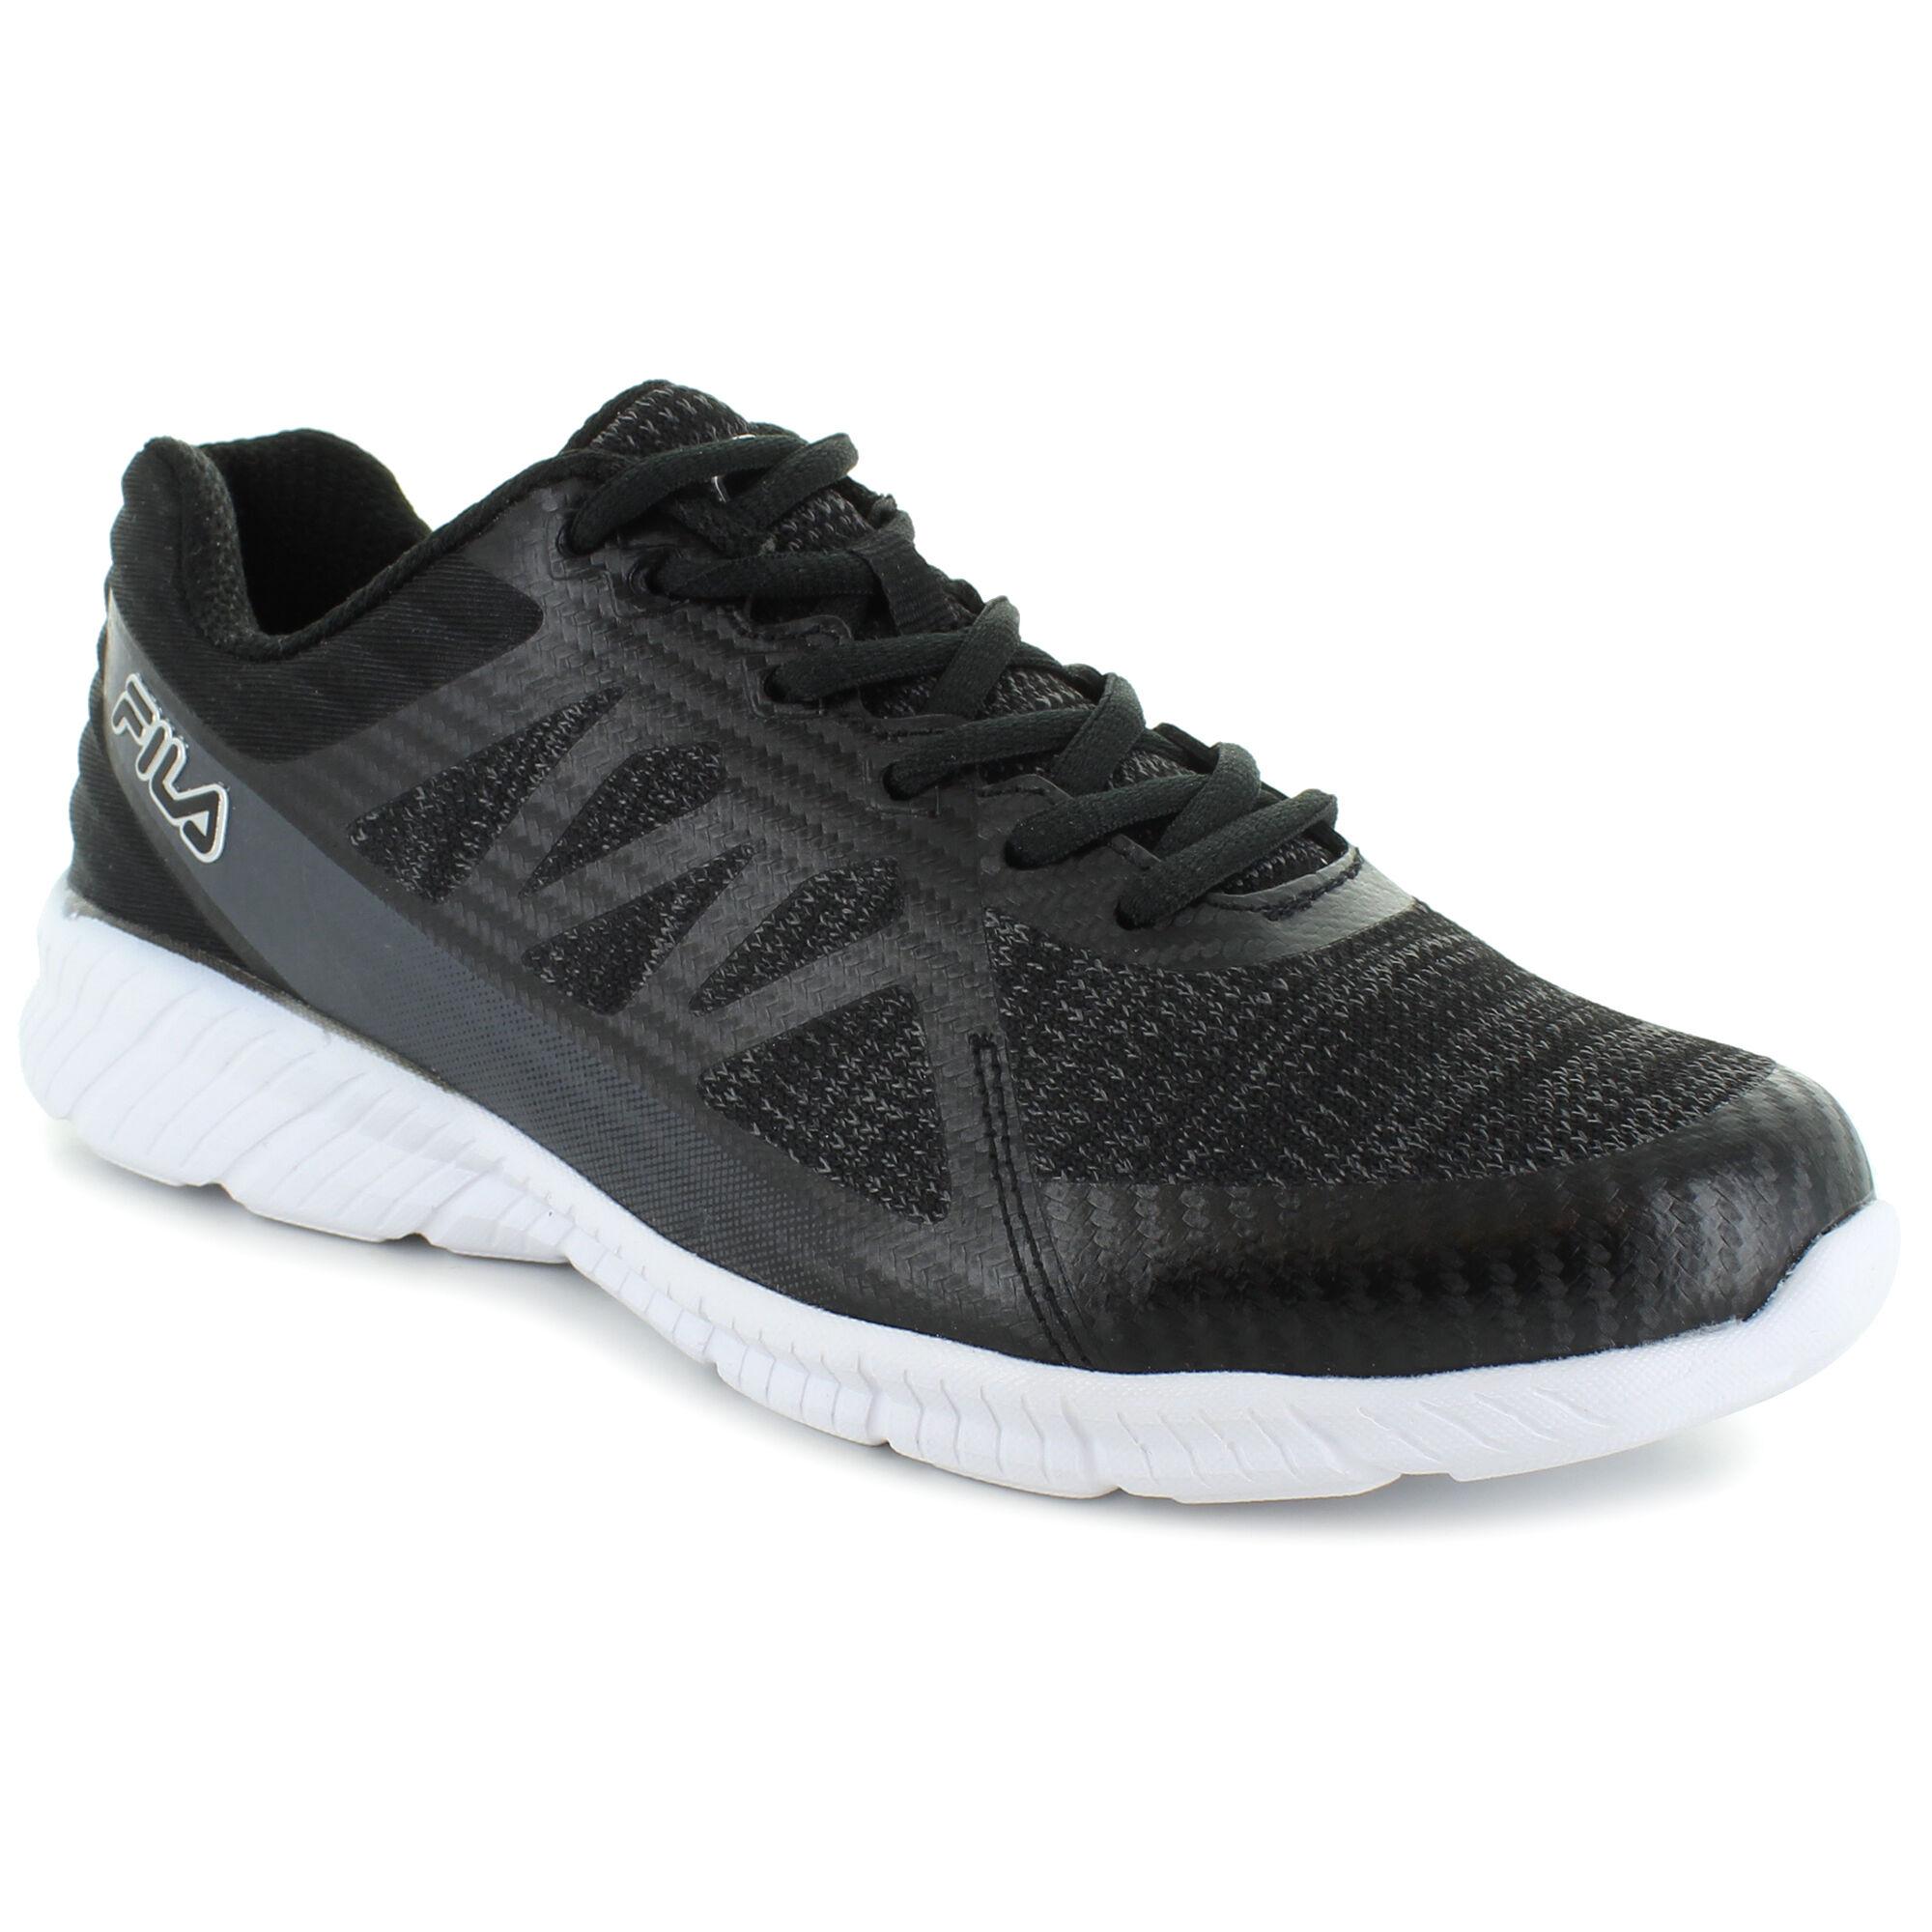 Athletic Shoes | Shop Now at SHOE SHOW MEGA